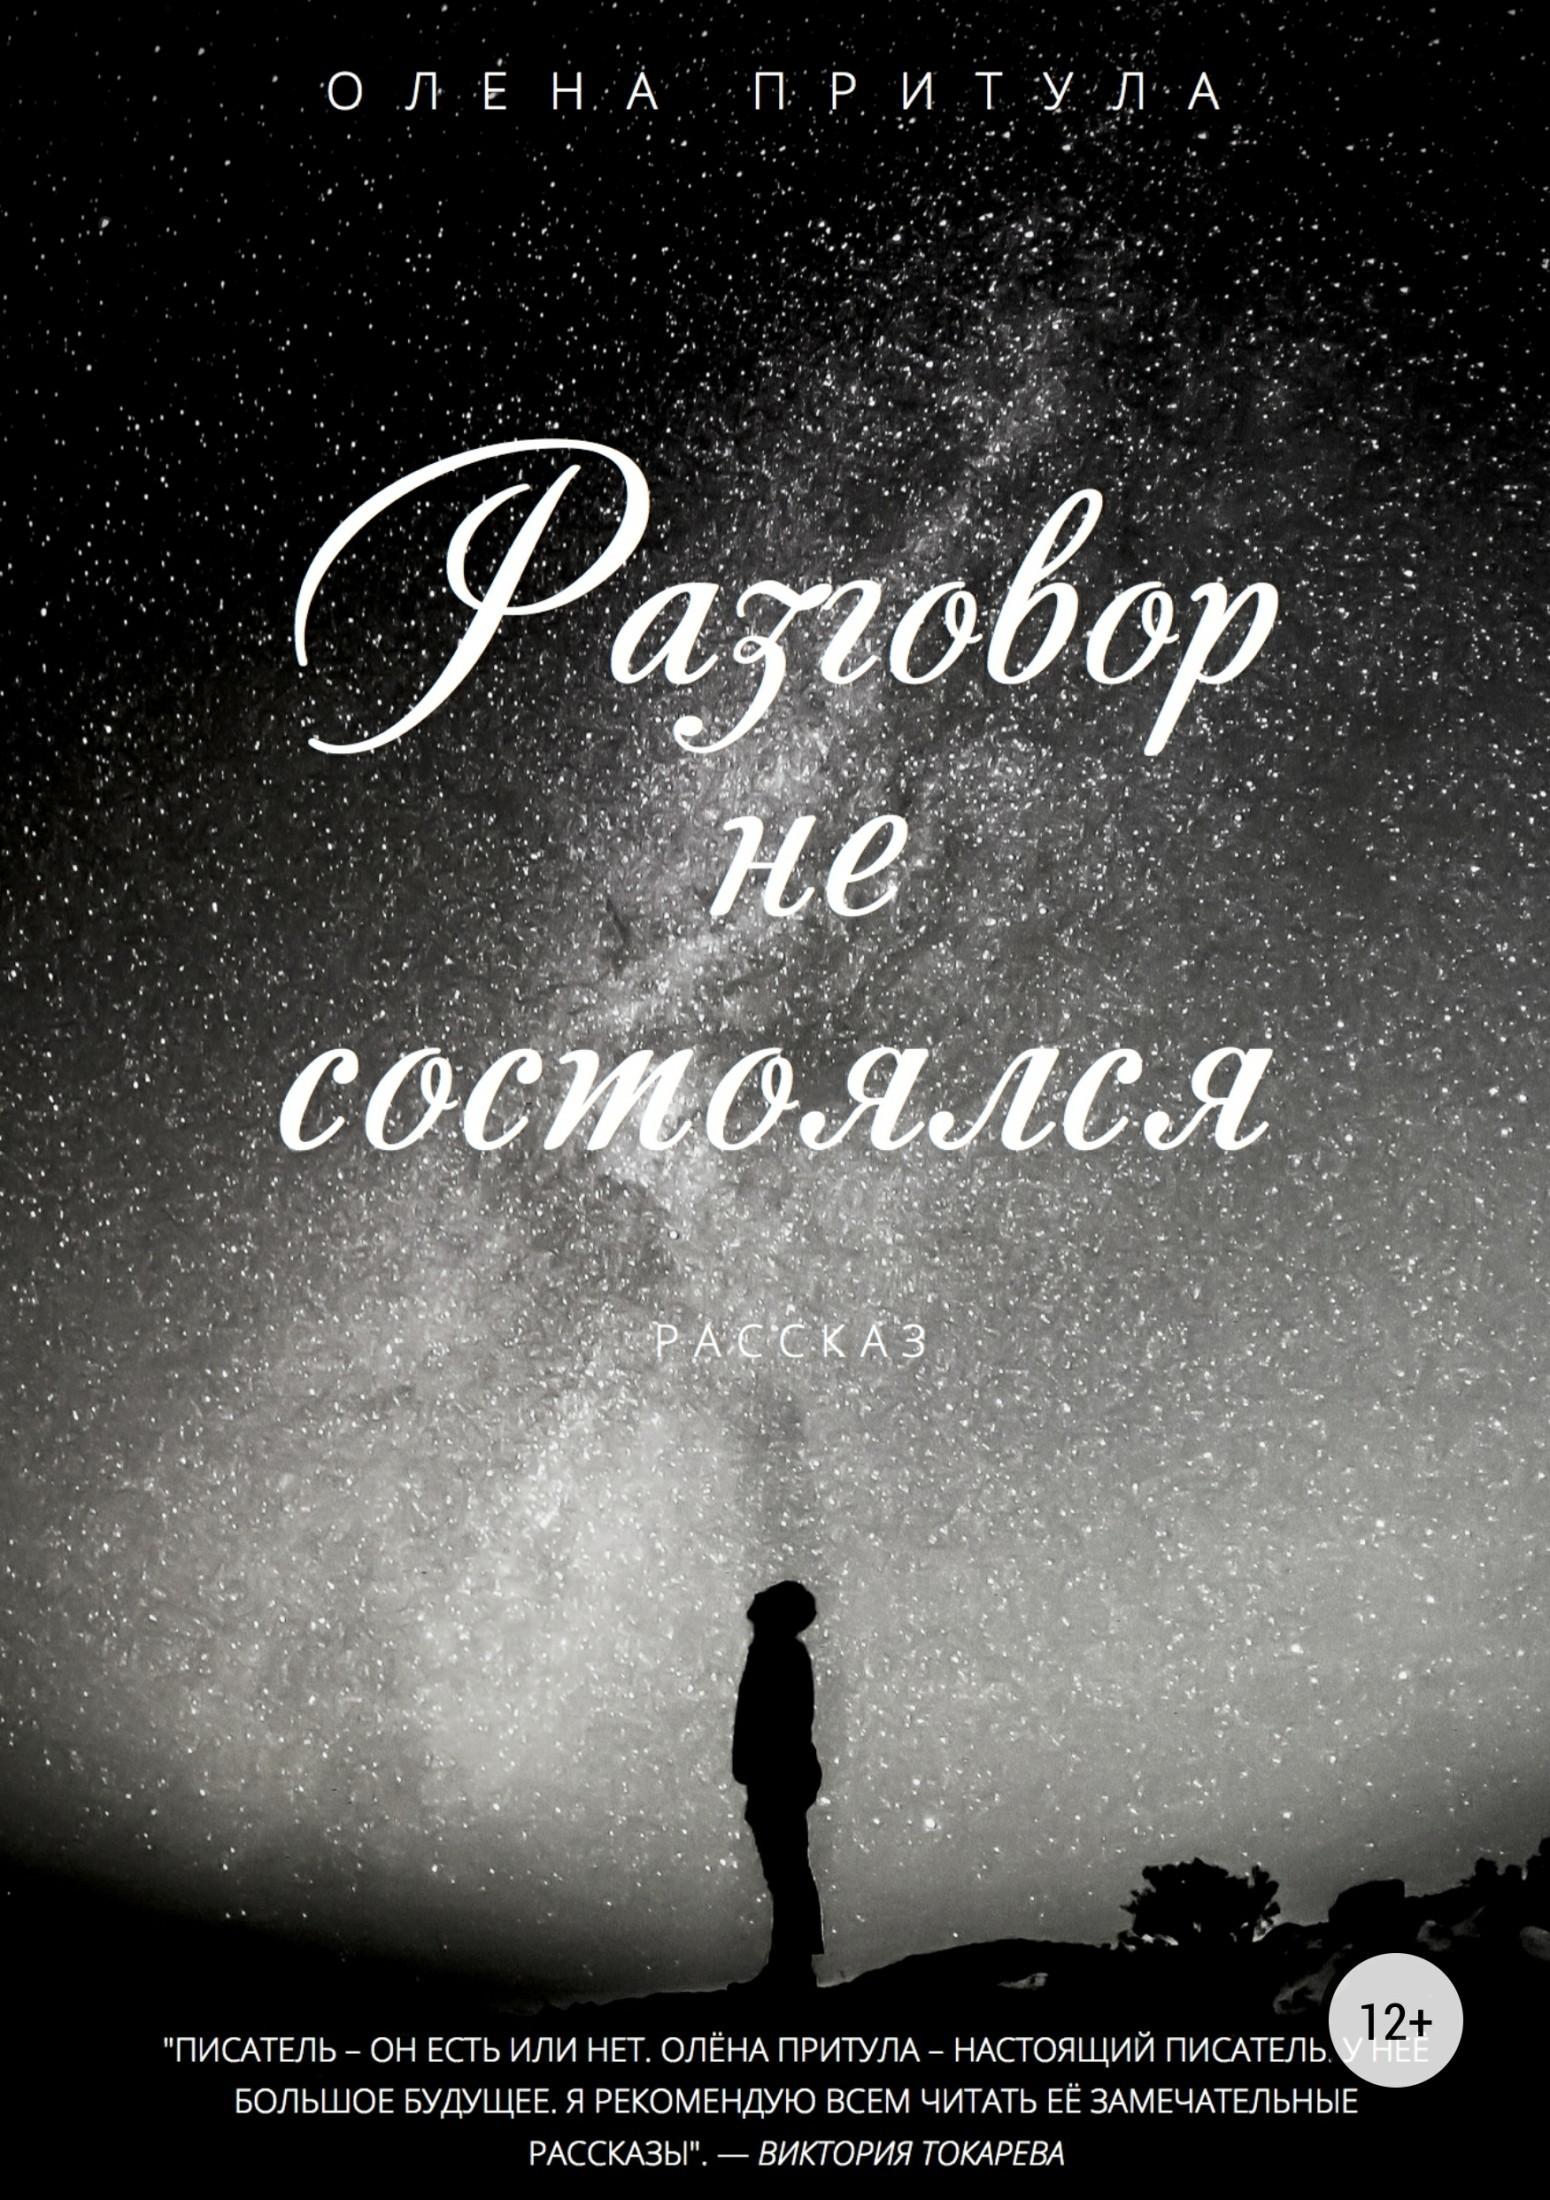 Олена Притула бесплатно